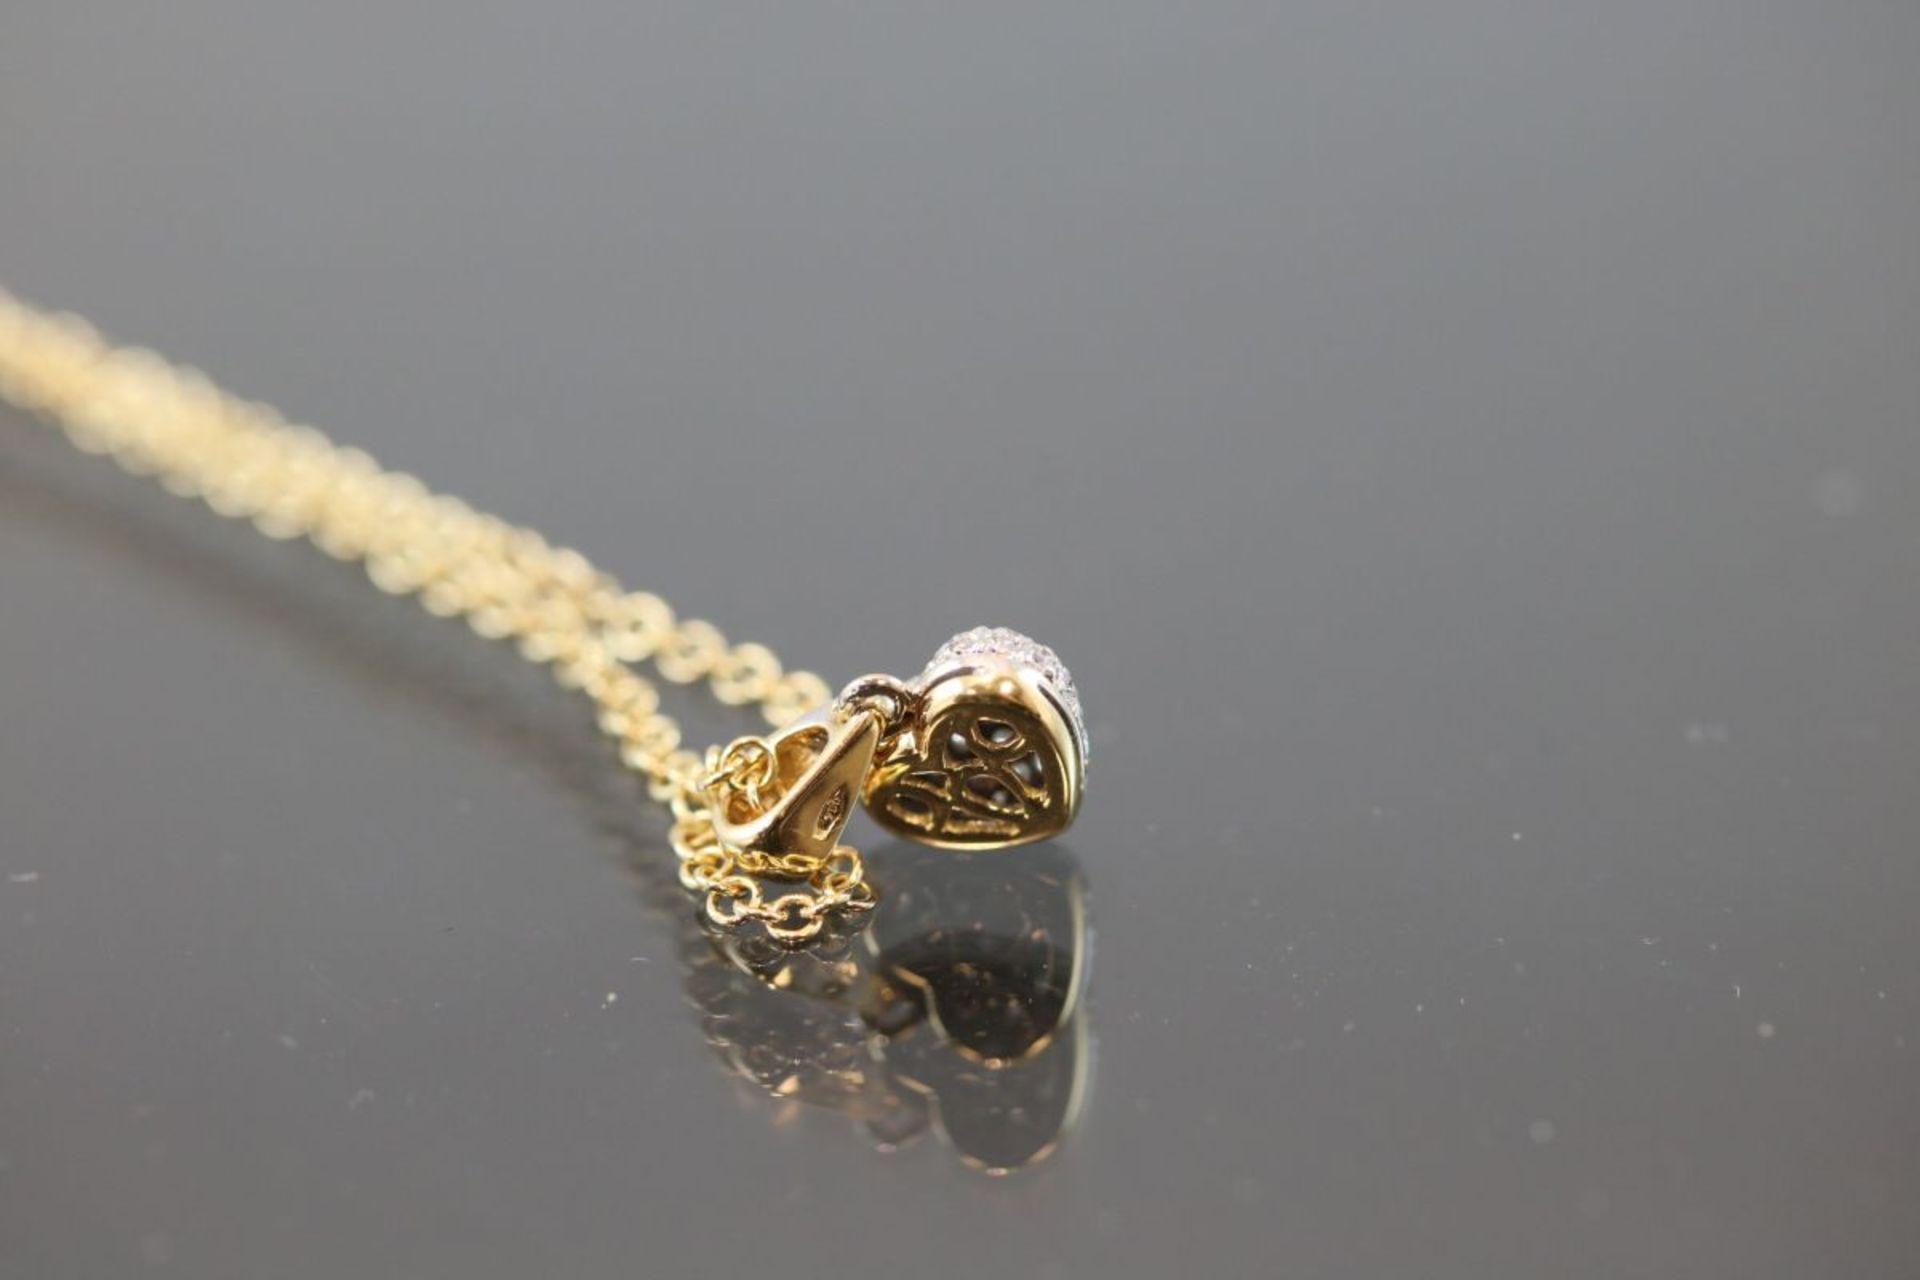 Brillant-Herzanhänger mit Kette, 750 Gold5,2 Gramm Länge: 42 cm Schätzpreis: 2400,- - Bild 3 aus 3